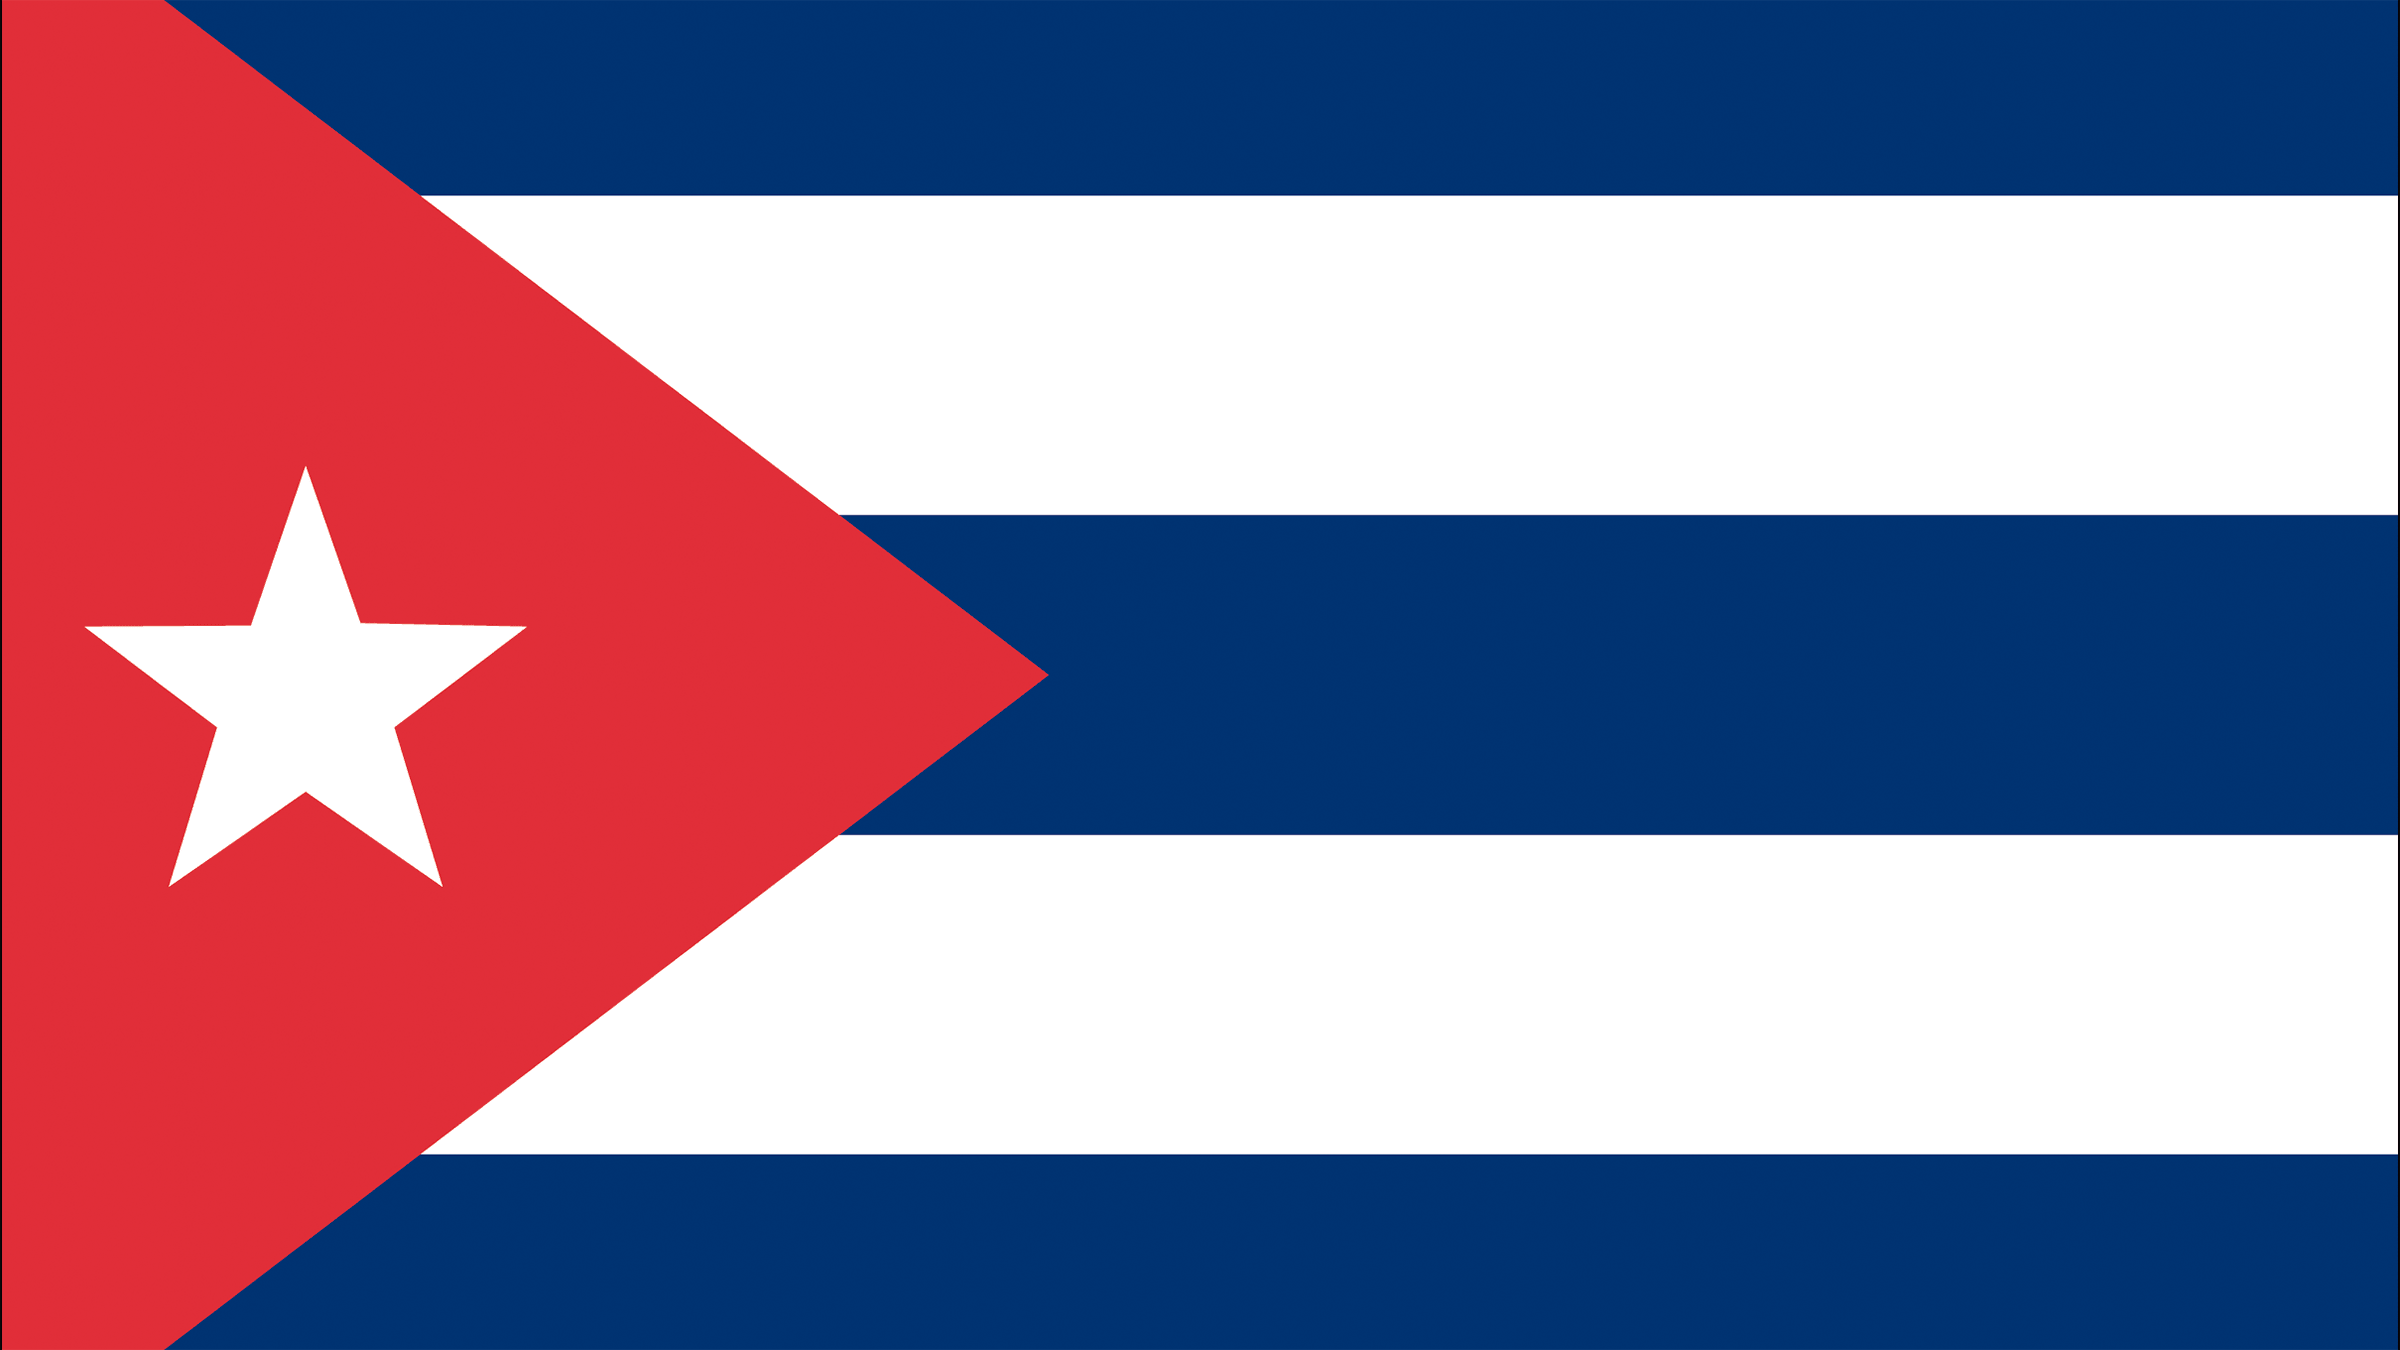 La bandera de Cuba en la actualidad | Banderas y escudos | Pinterest ...